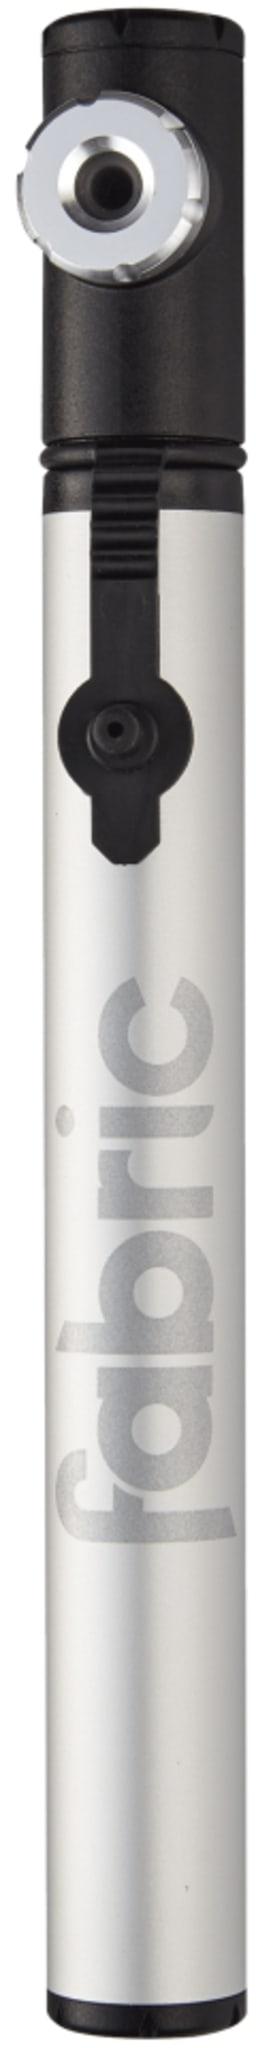 Picobar Mini Pump